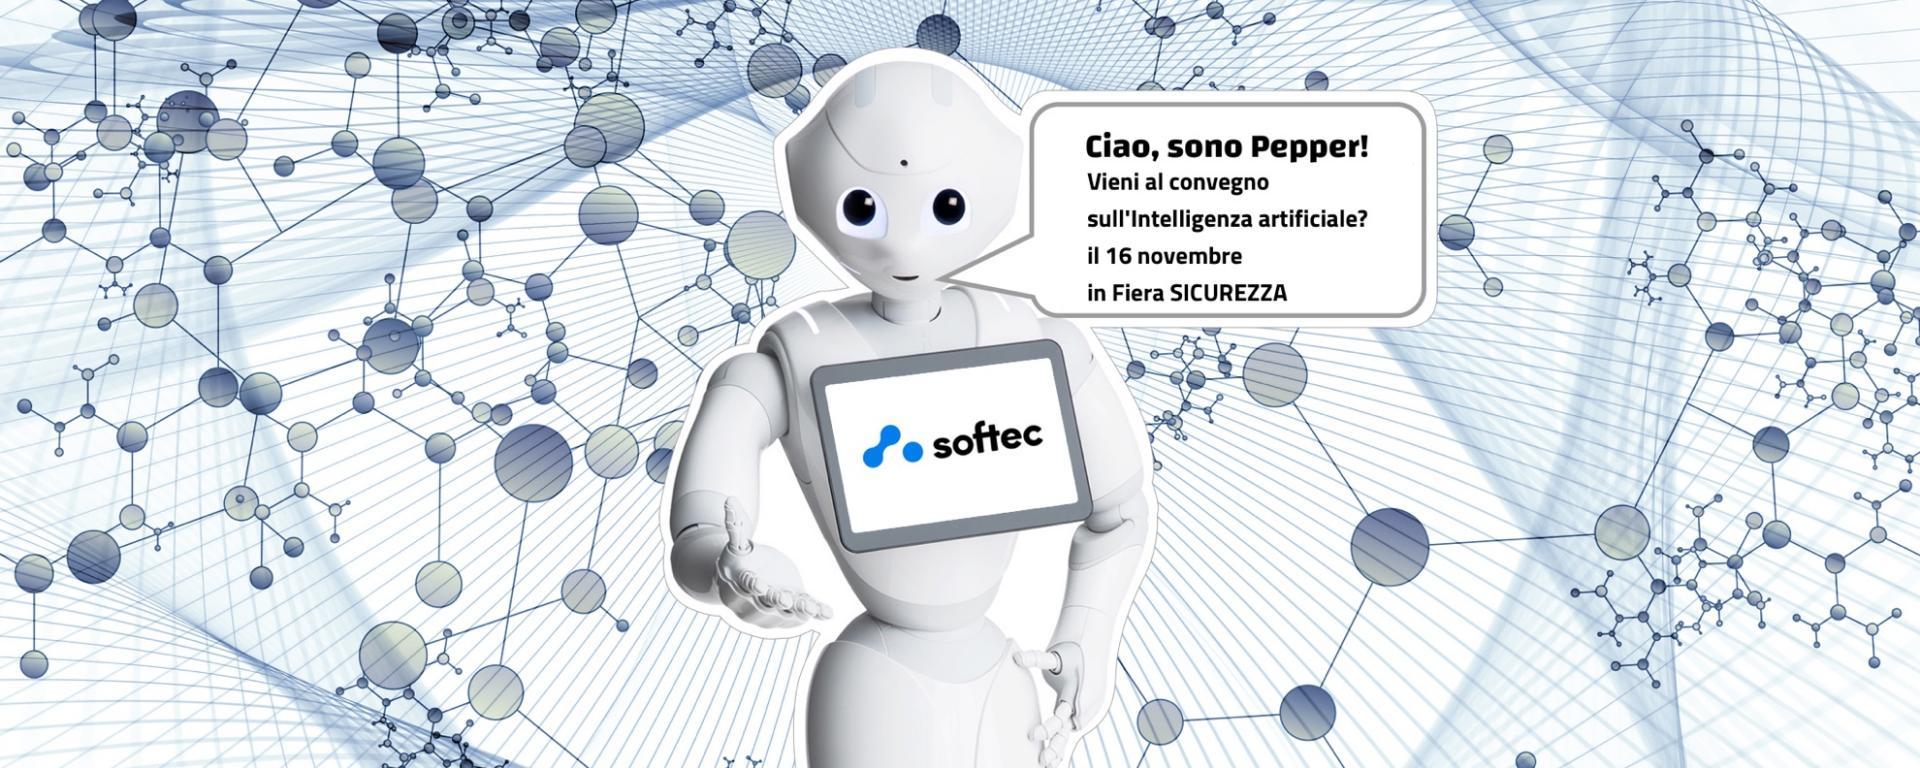 Convegno L'intelligenza artificiale per la sicurezza 16/11/17